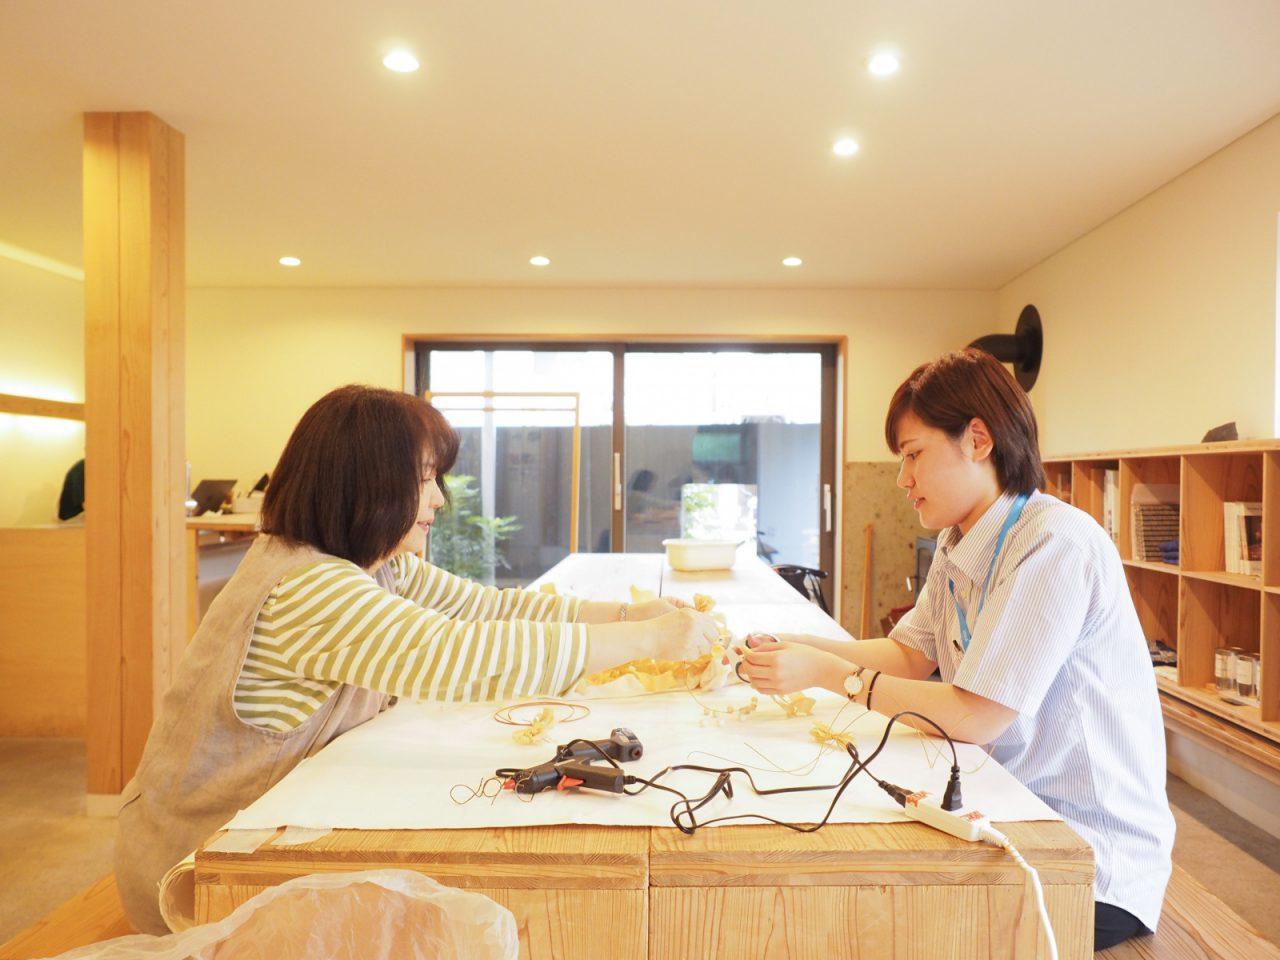 つむじのスタッフでもある小川さんは、かんなリボンでつくるワークショップの講師もされています!